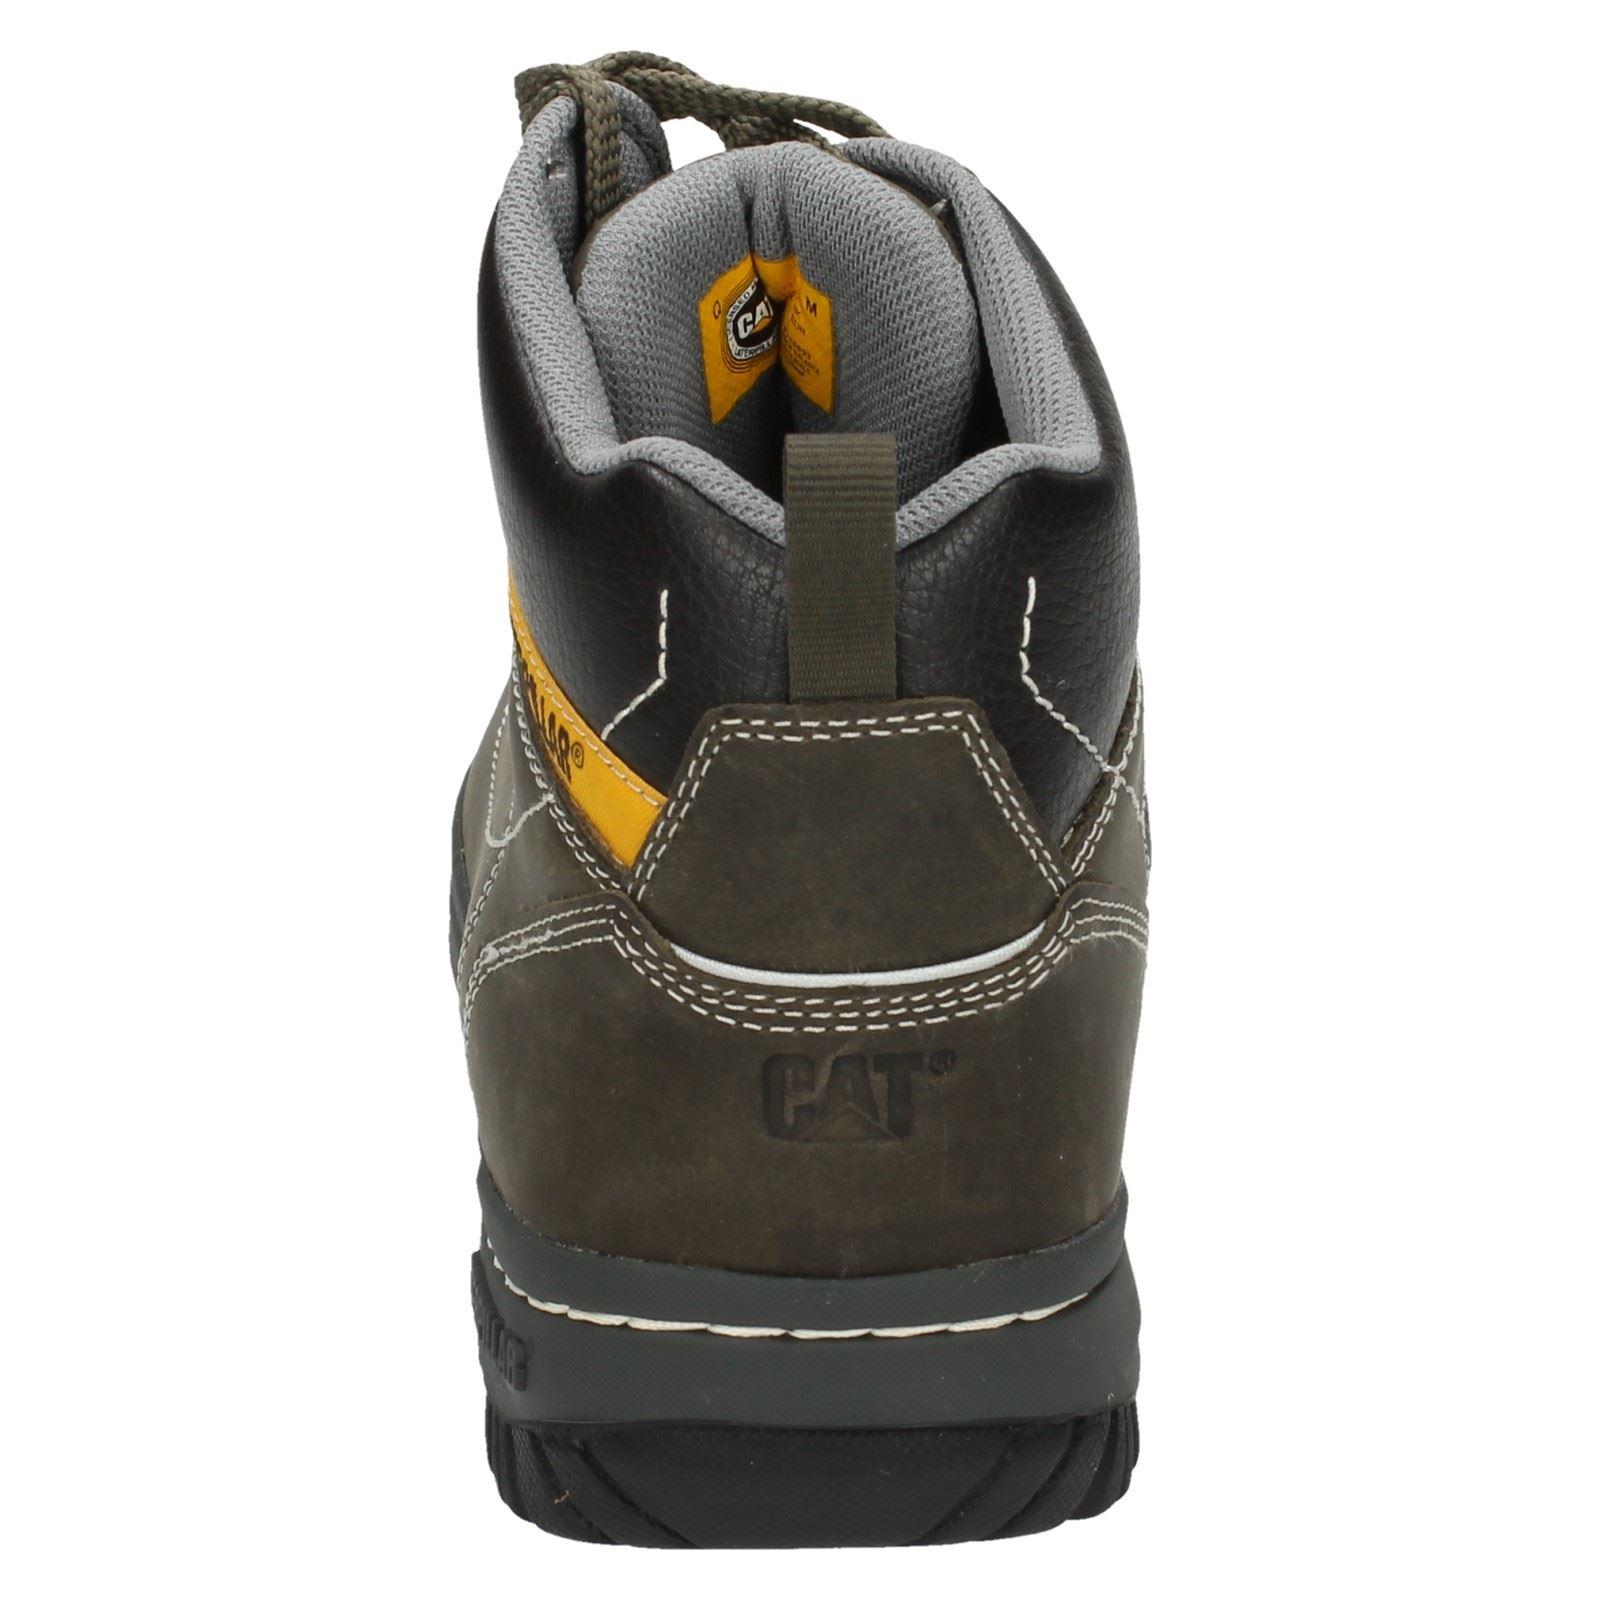 Apa Boots Hi Ankle Cat Mens Argile brown P716893 Casual Muddy UXqfF1R